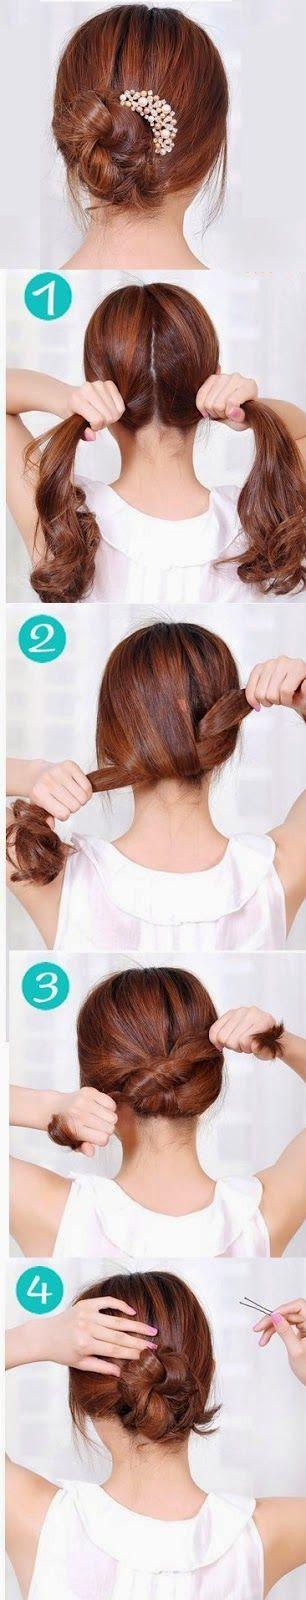 20 looks de peinados al estilo de Corea del Sur que te enamoraran - Espacio Kpop - Corea del Sur , idol, videos y entretenimiento